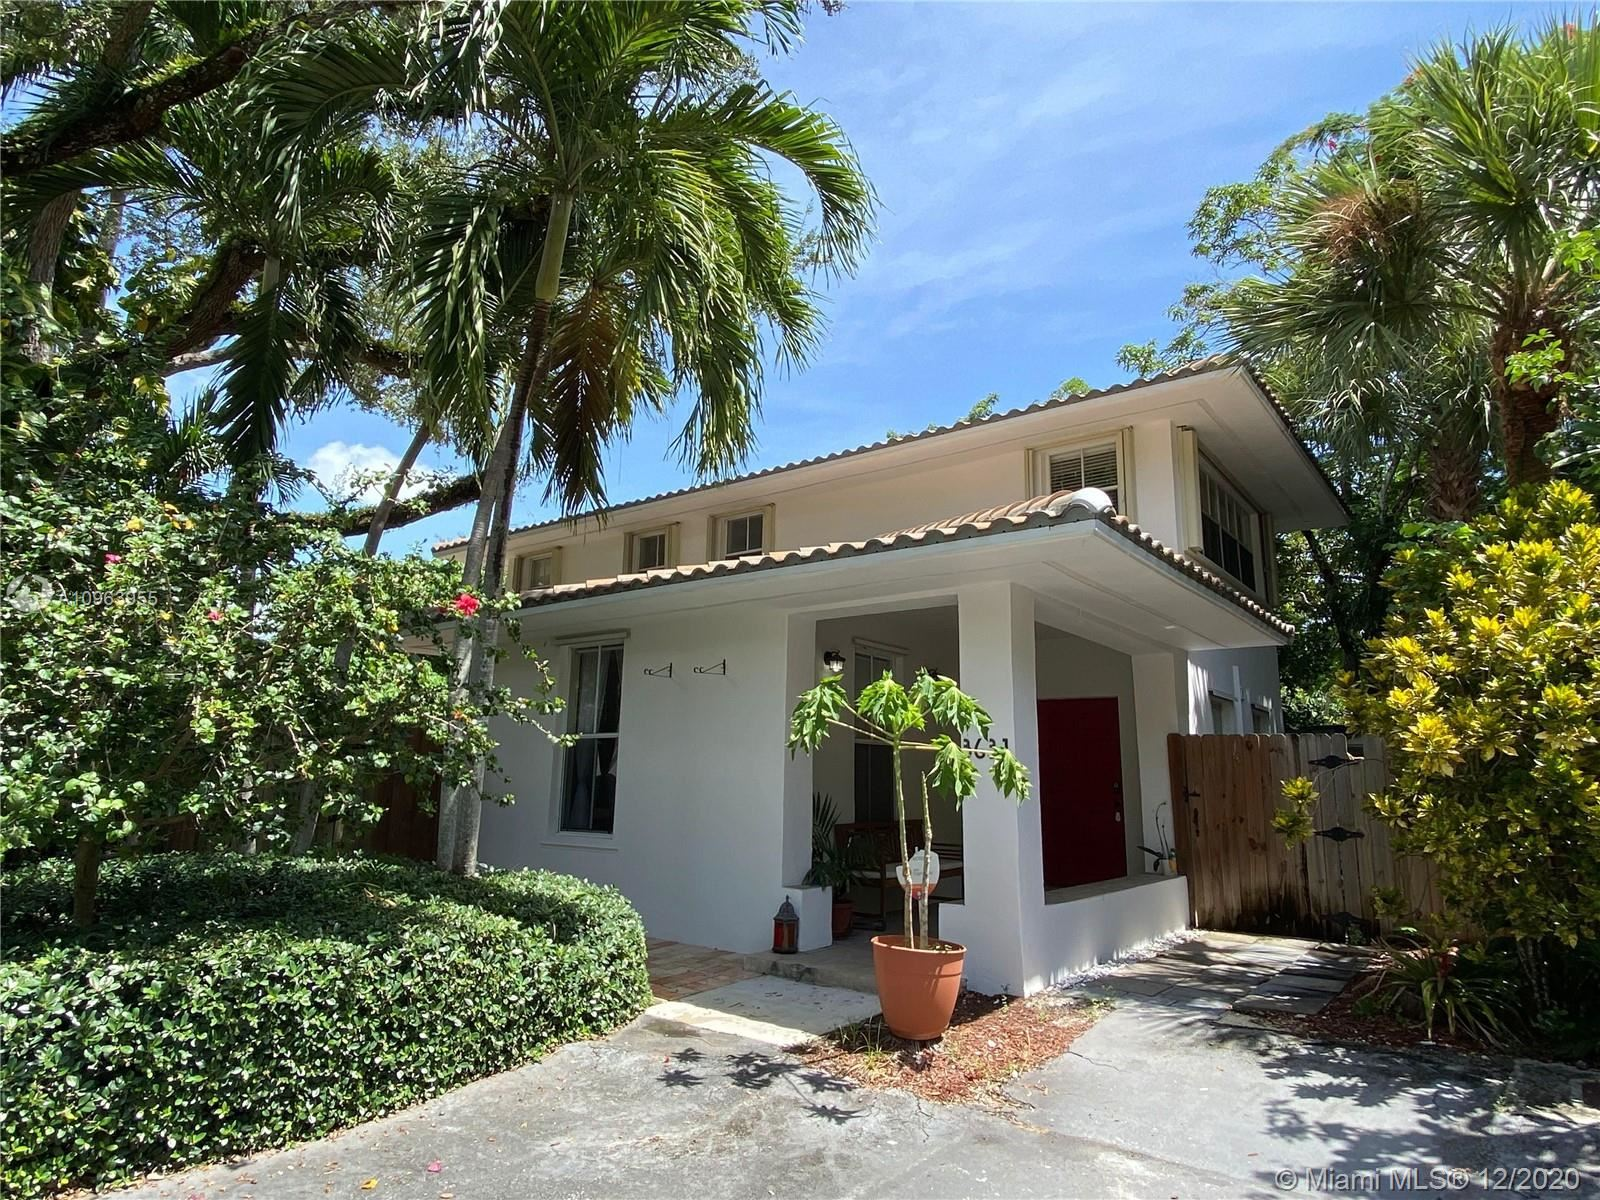 3631 SW 37th Ave, Miami, FL 33133 - #: A10963955